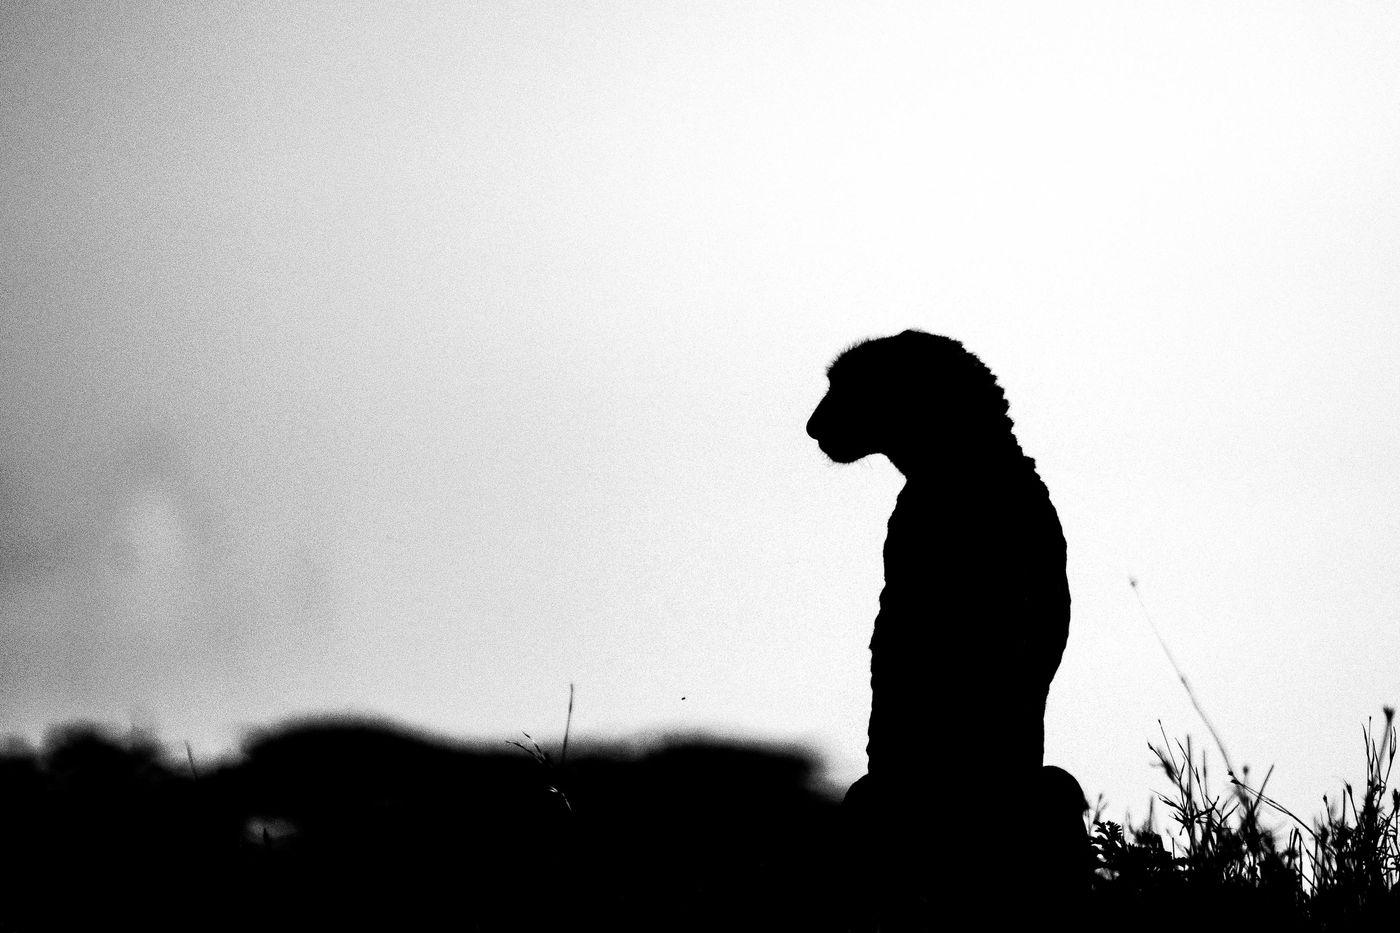 Een cheetah in zwart-wit. © Siska Meersman